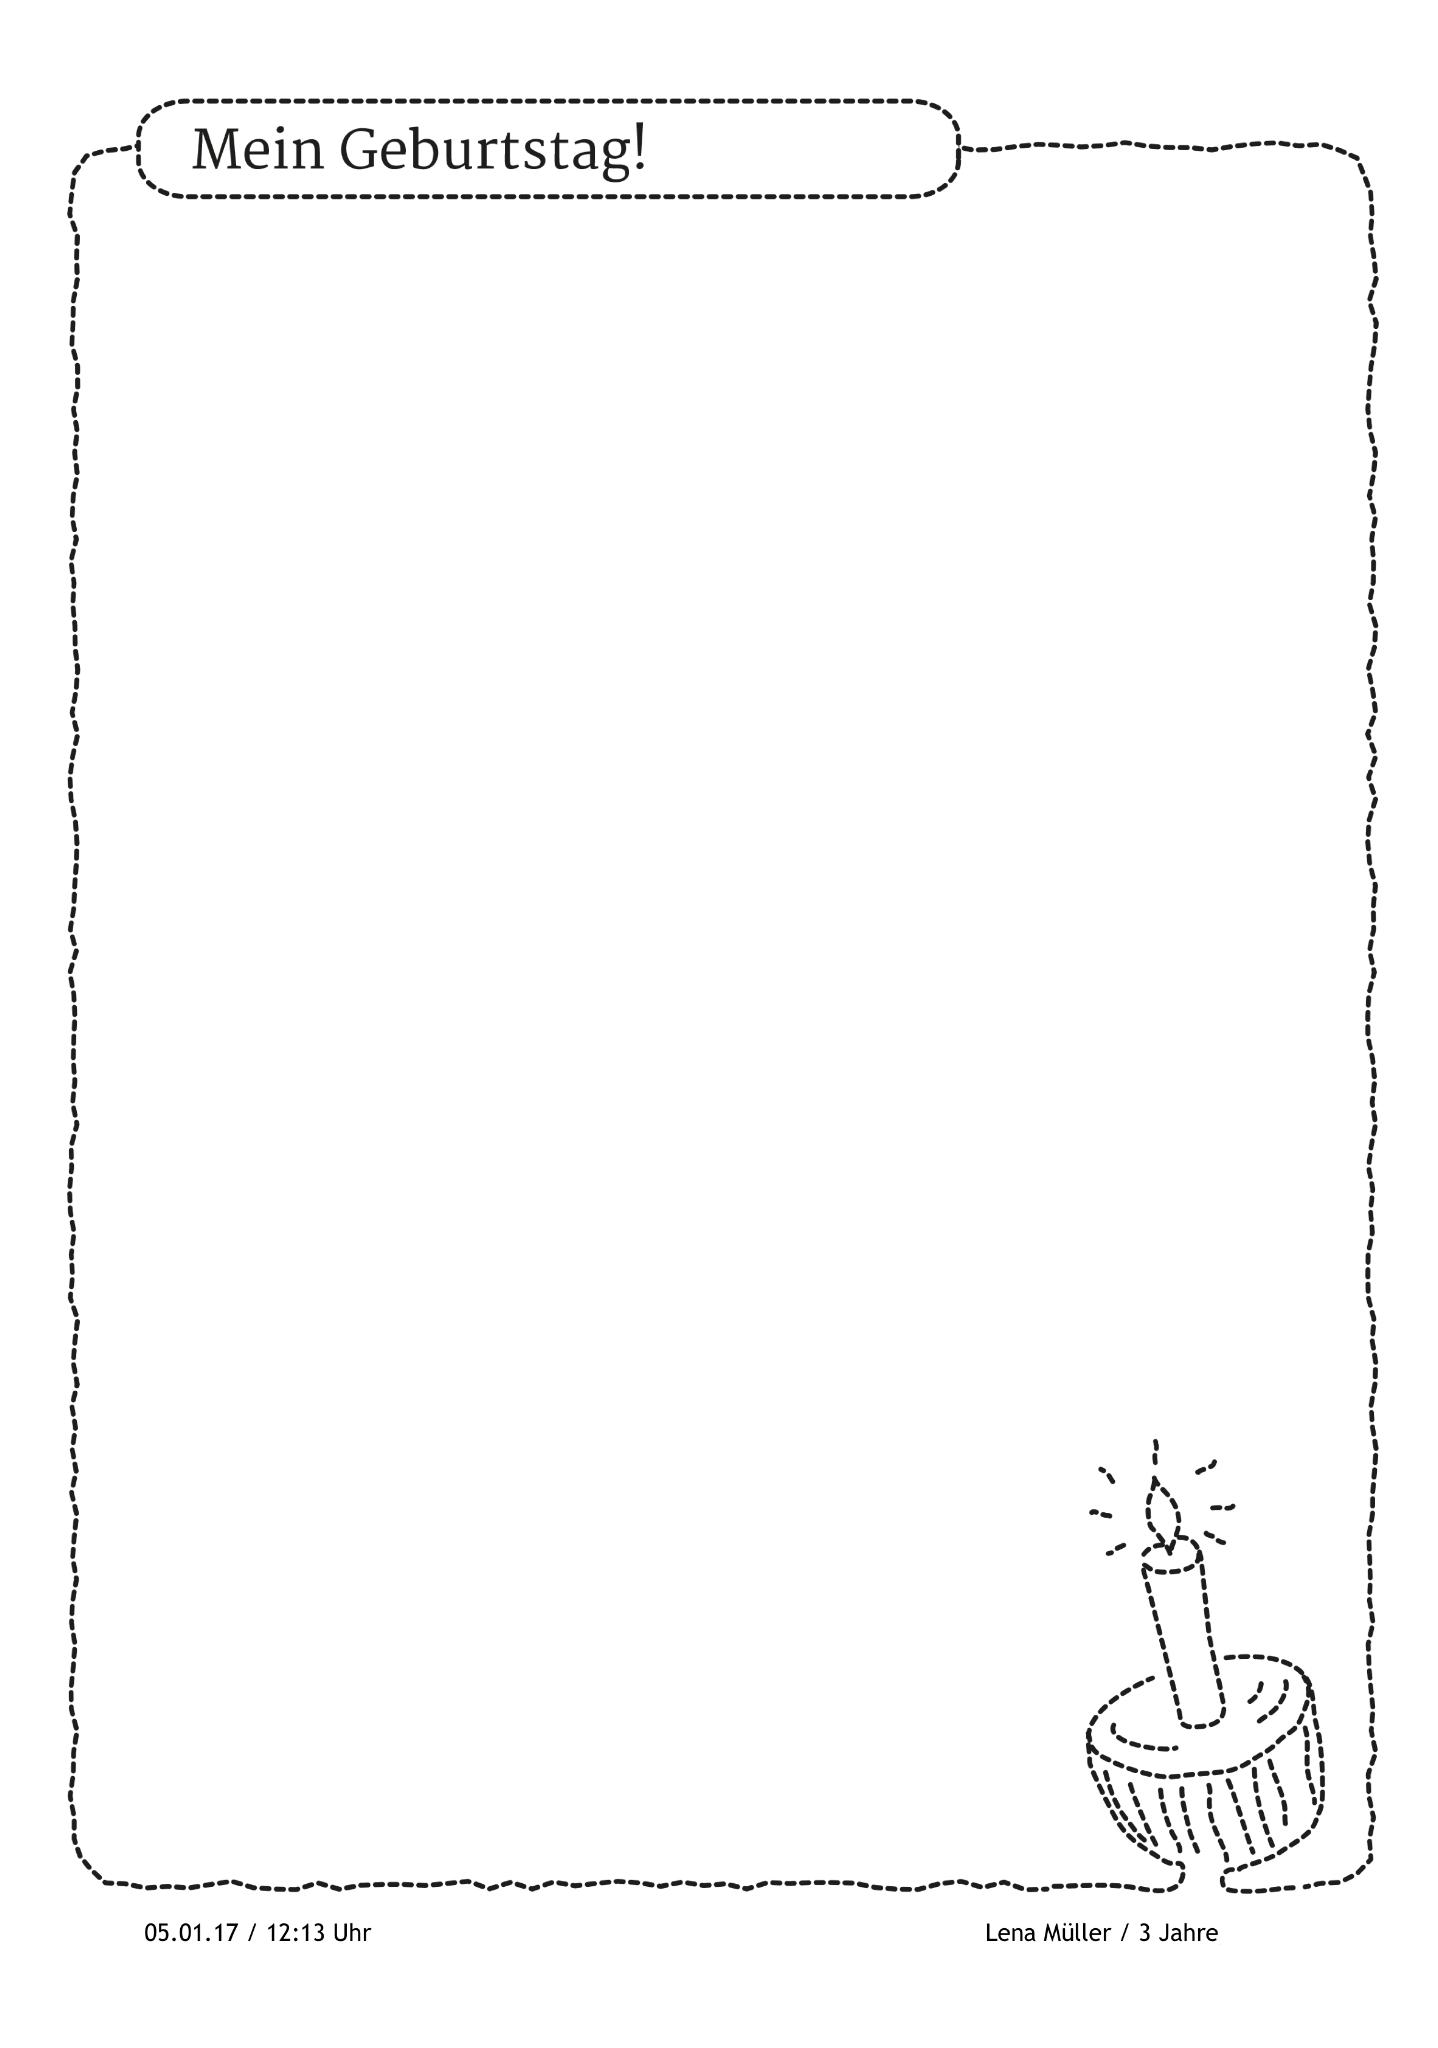 Ich Habe Geburtstag! Was Gibt Es Schöneres Als Den Eigenen mit Portfolio Vorlagen Zum Ausdrucken